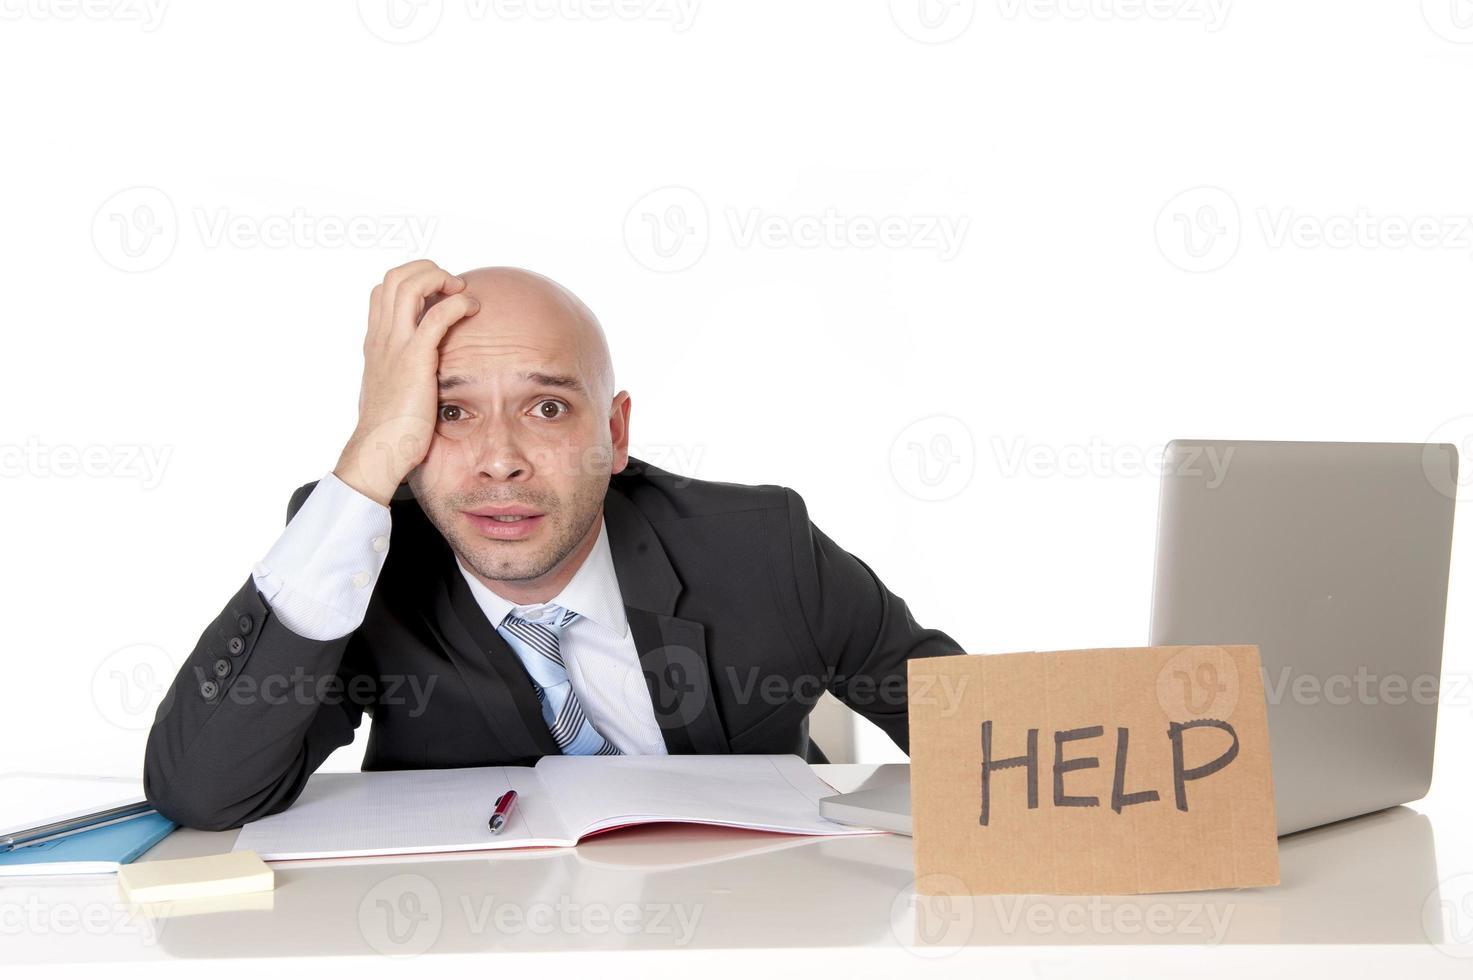 kale Latijns-zakenman overwerkt met een help-teken foto